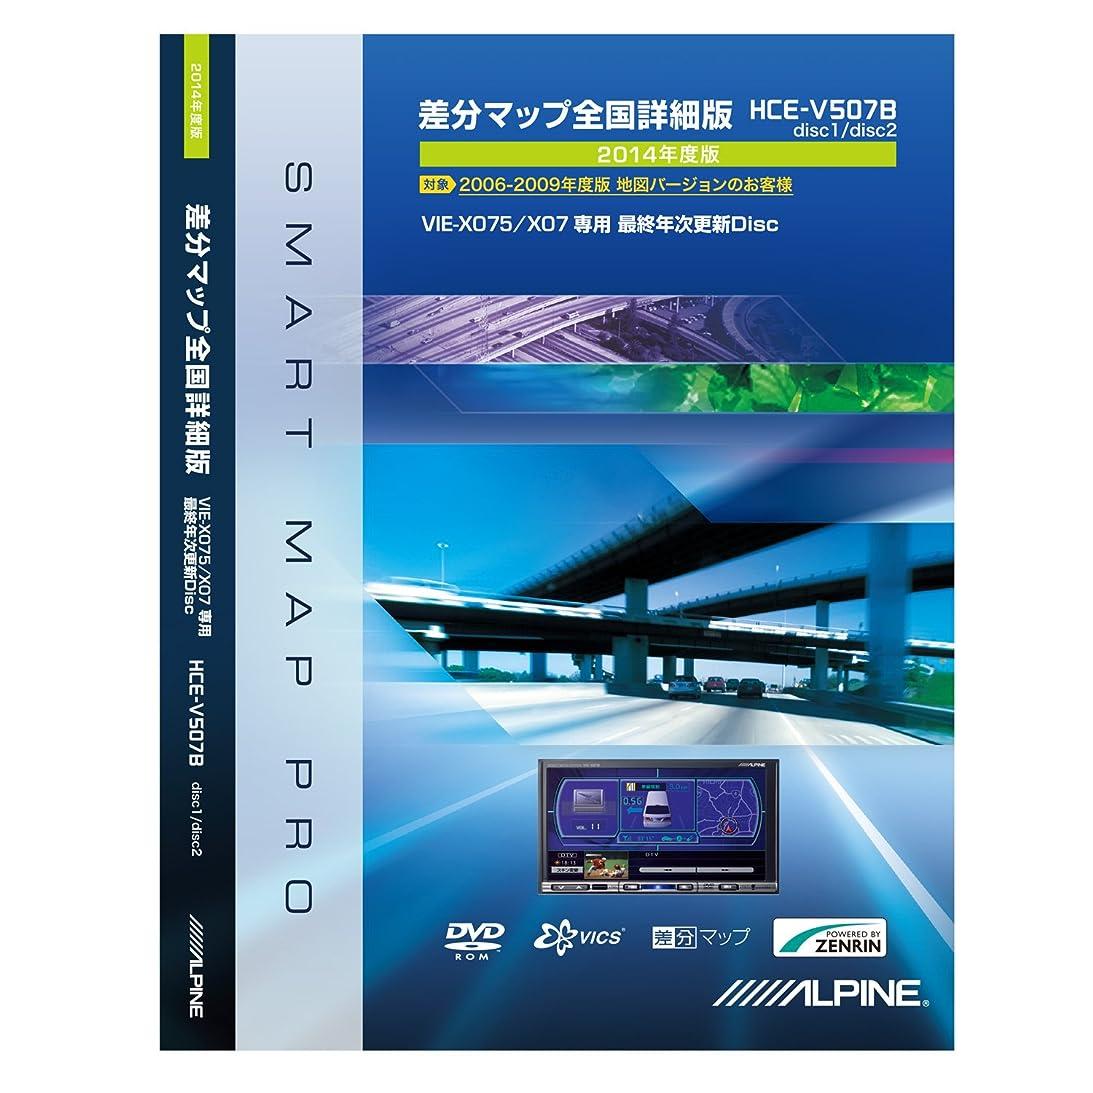 追い出す殺します幻滅するアルパイン(ALPINE) X075/X07シリーズ専用?2009年度版以前をお持ちの方用 2014年版更新地図 HCE-V507B